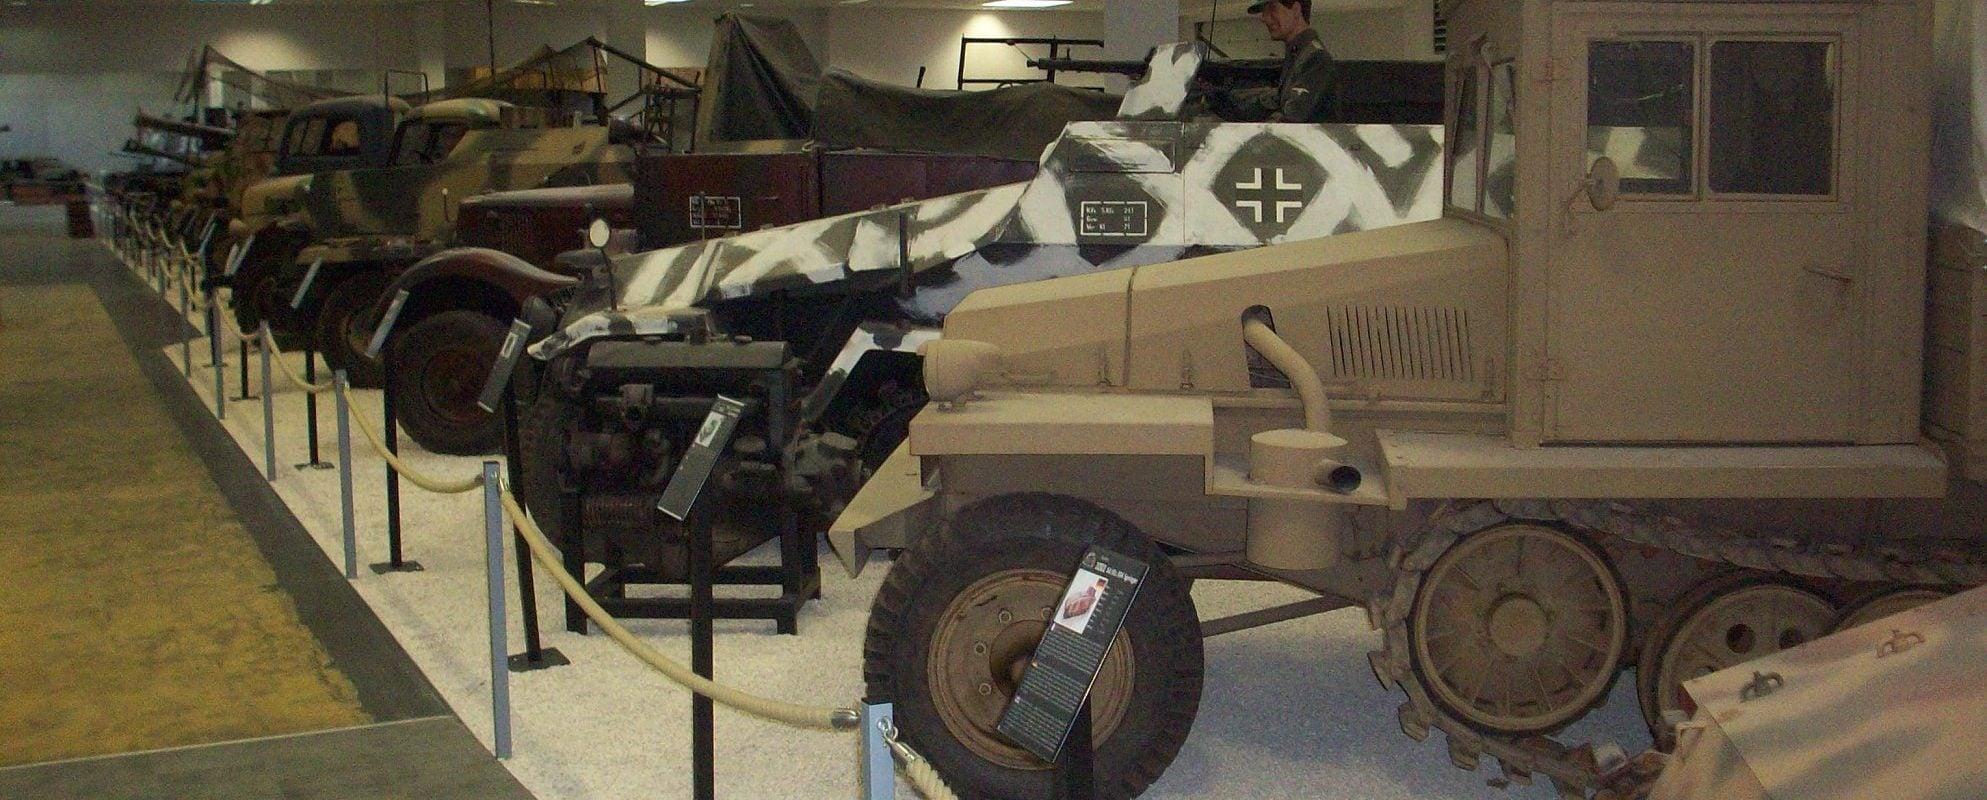 Il collectionne des chars de la Seconde guerre mondiale et en fait un musée